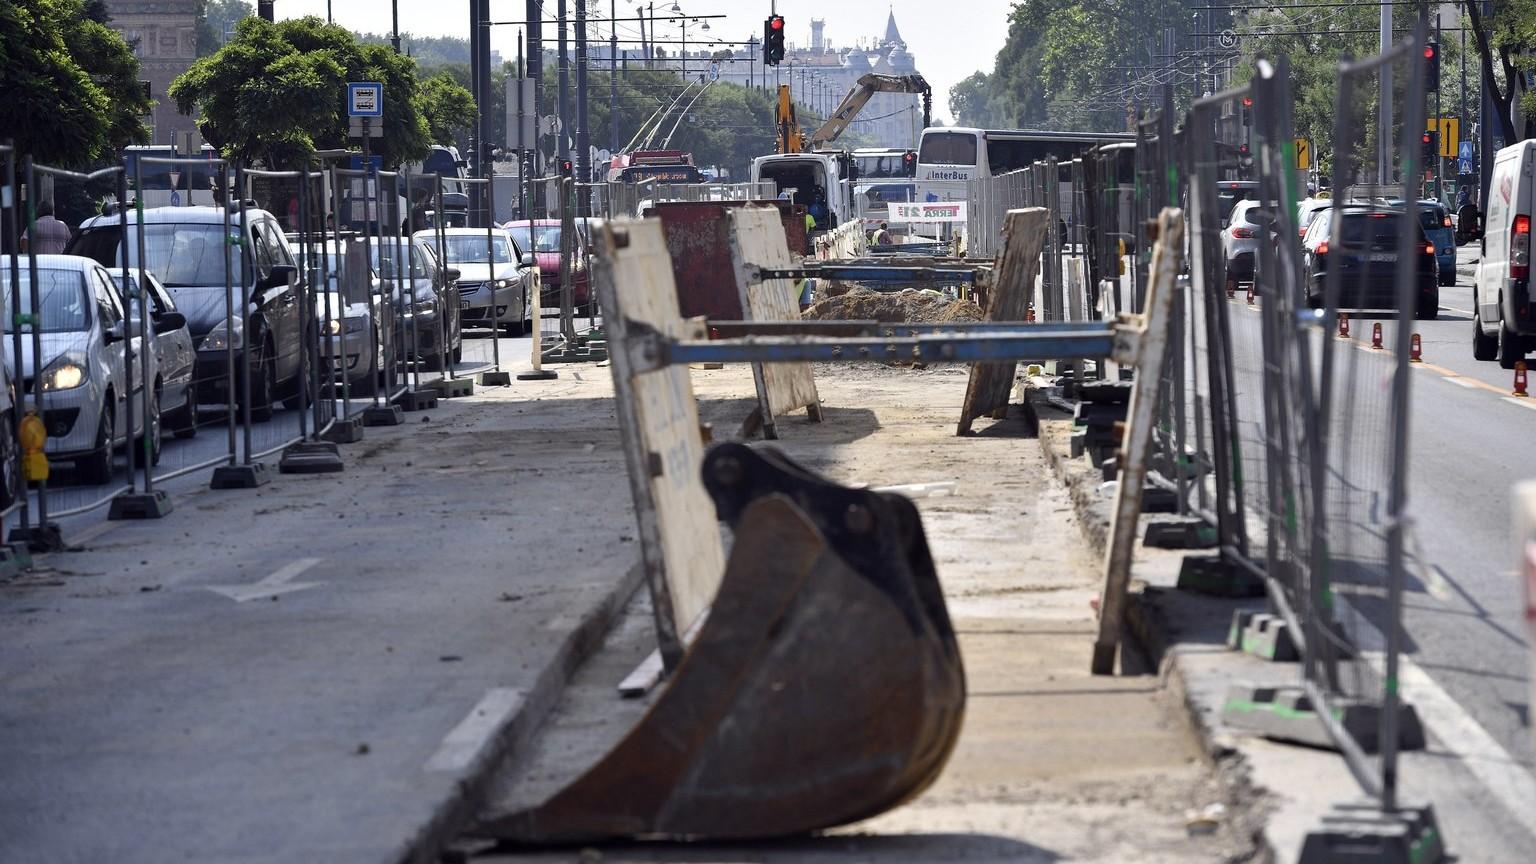 Távhővezeték építésén dolgoznak Budapesten – képünk illusztráció (Fotó: MTI/Máthé Zoltán)